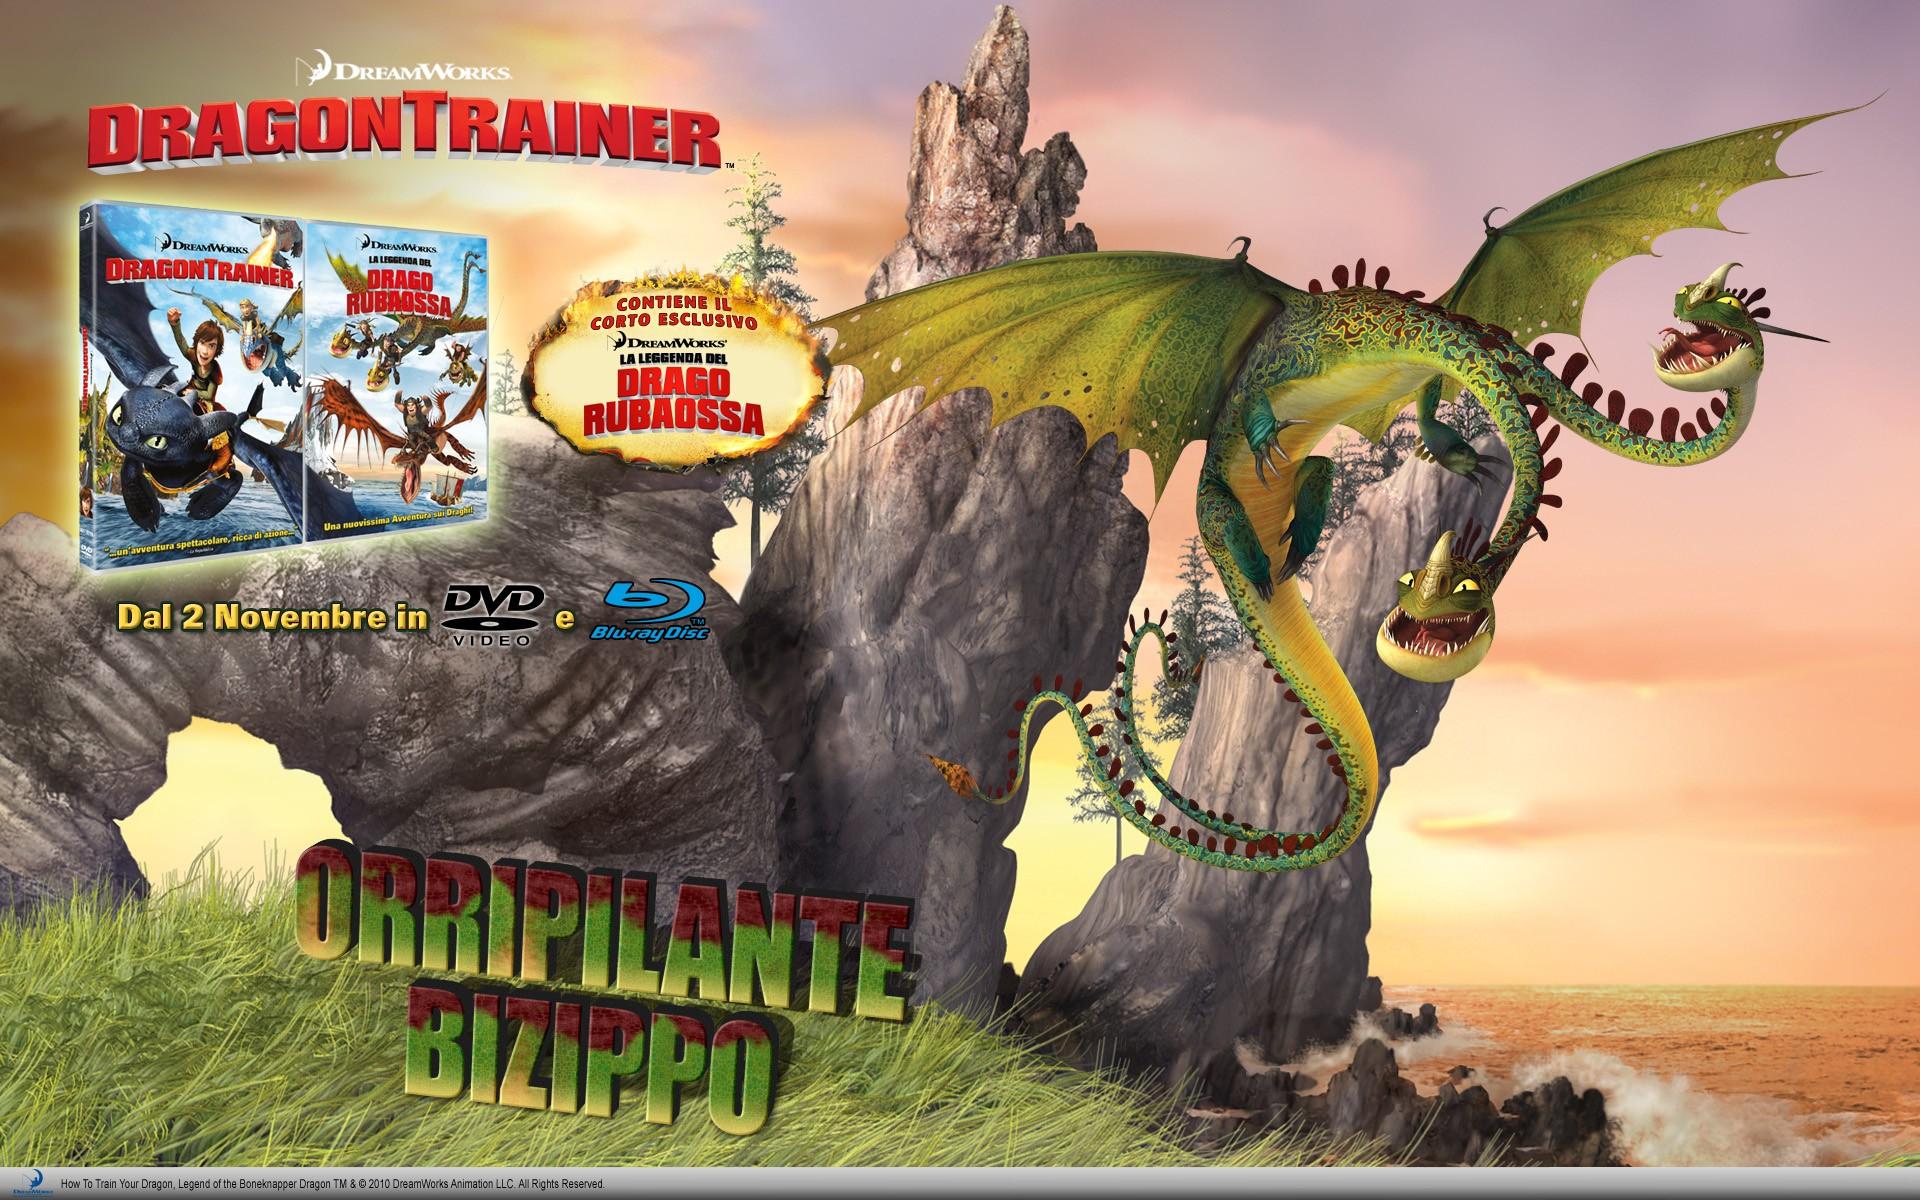 Un wallpaper per l'uscita in DVD e Blu-Ray di Dragon Trainer